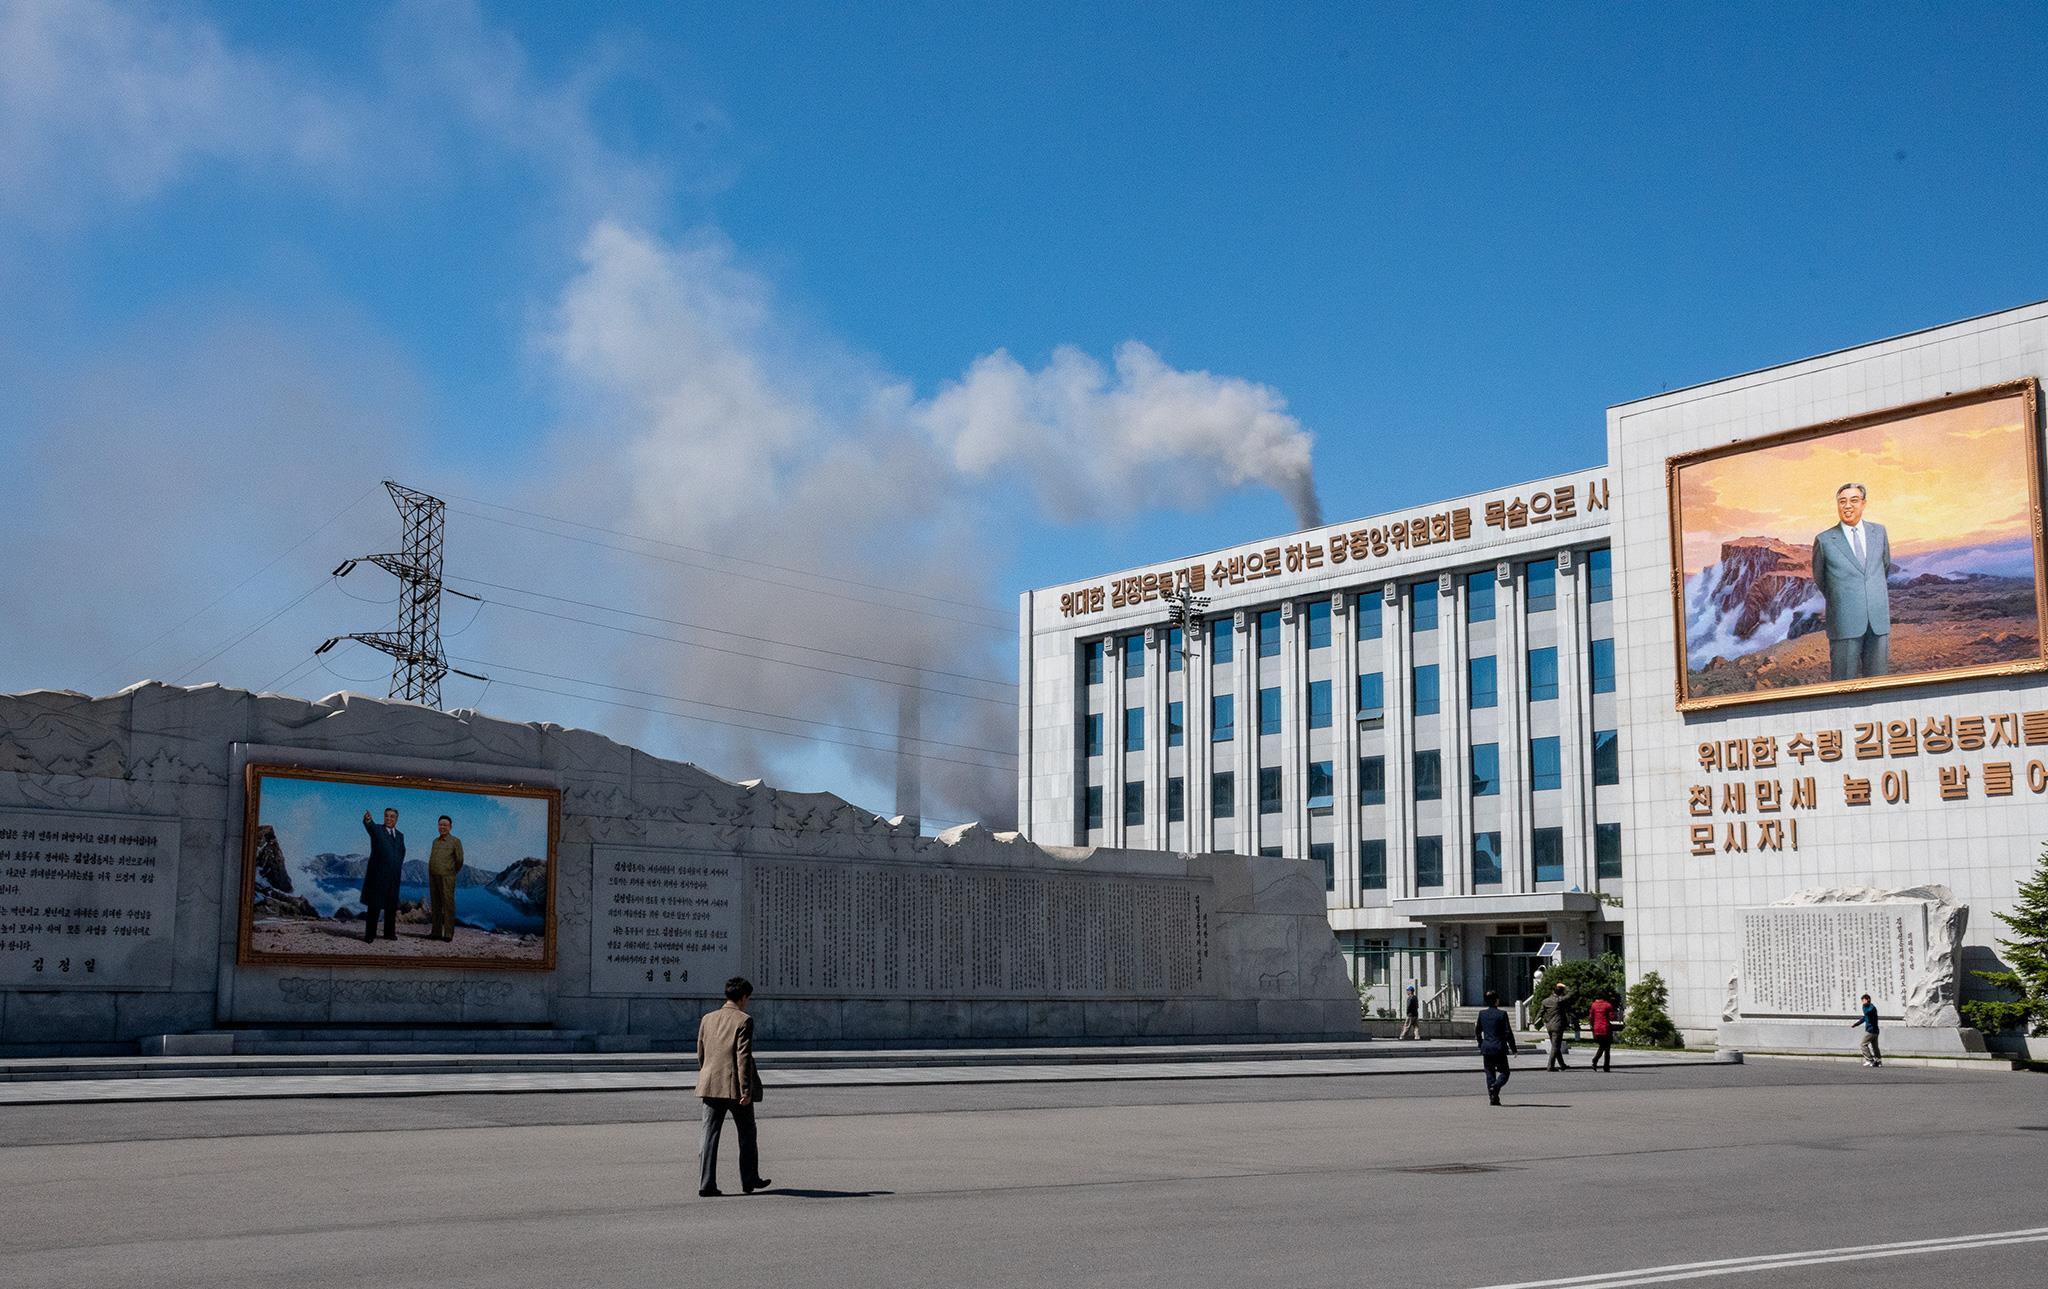 Triều Tiên đời thường qua những bức ảnh của nhiếp ảnh gia Việt Nam Ảnh 1